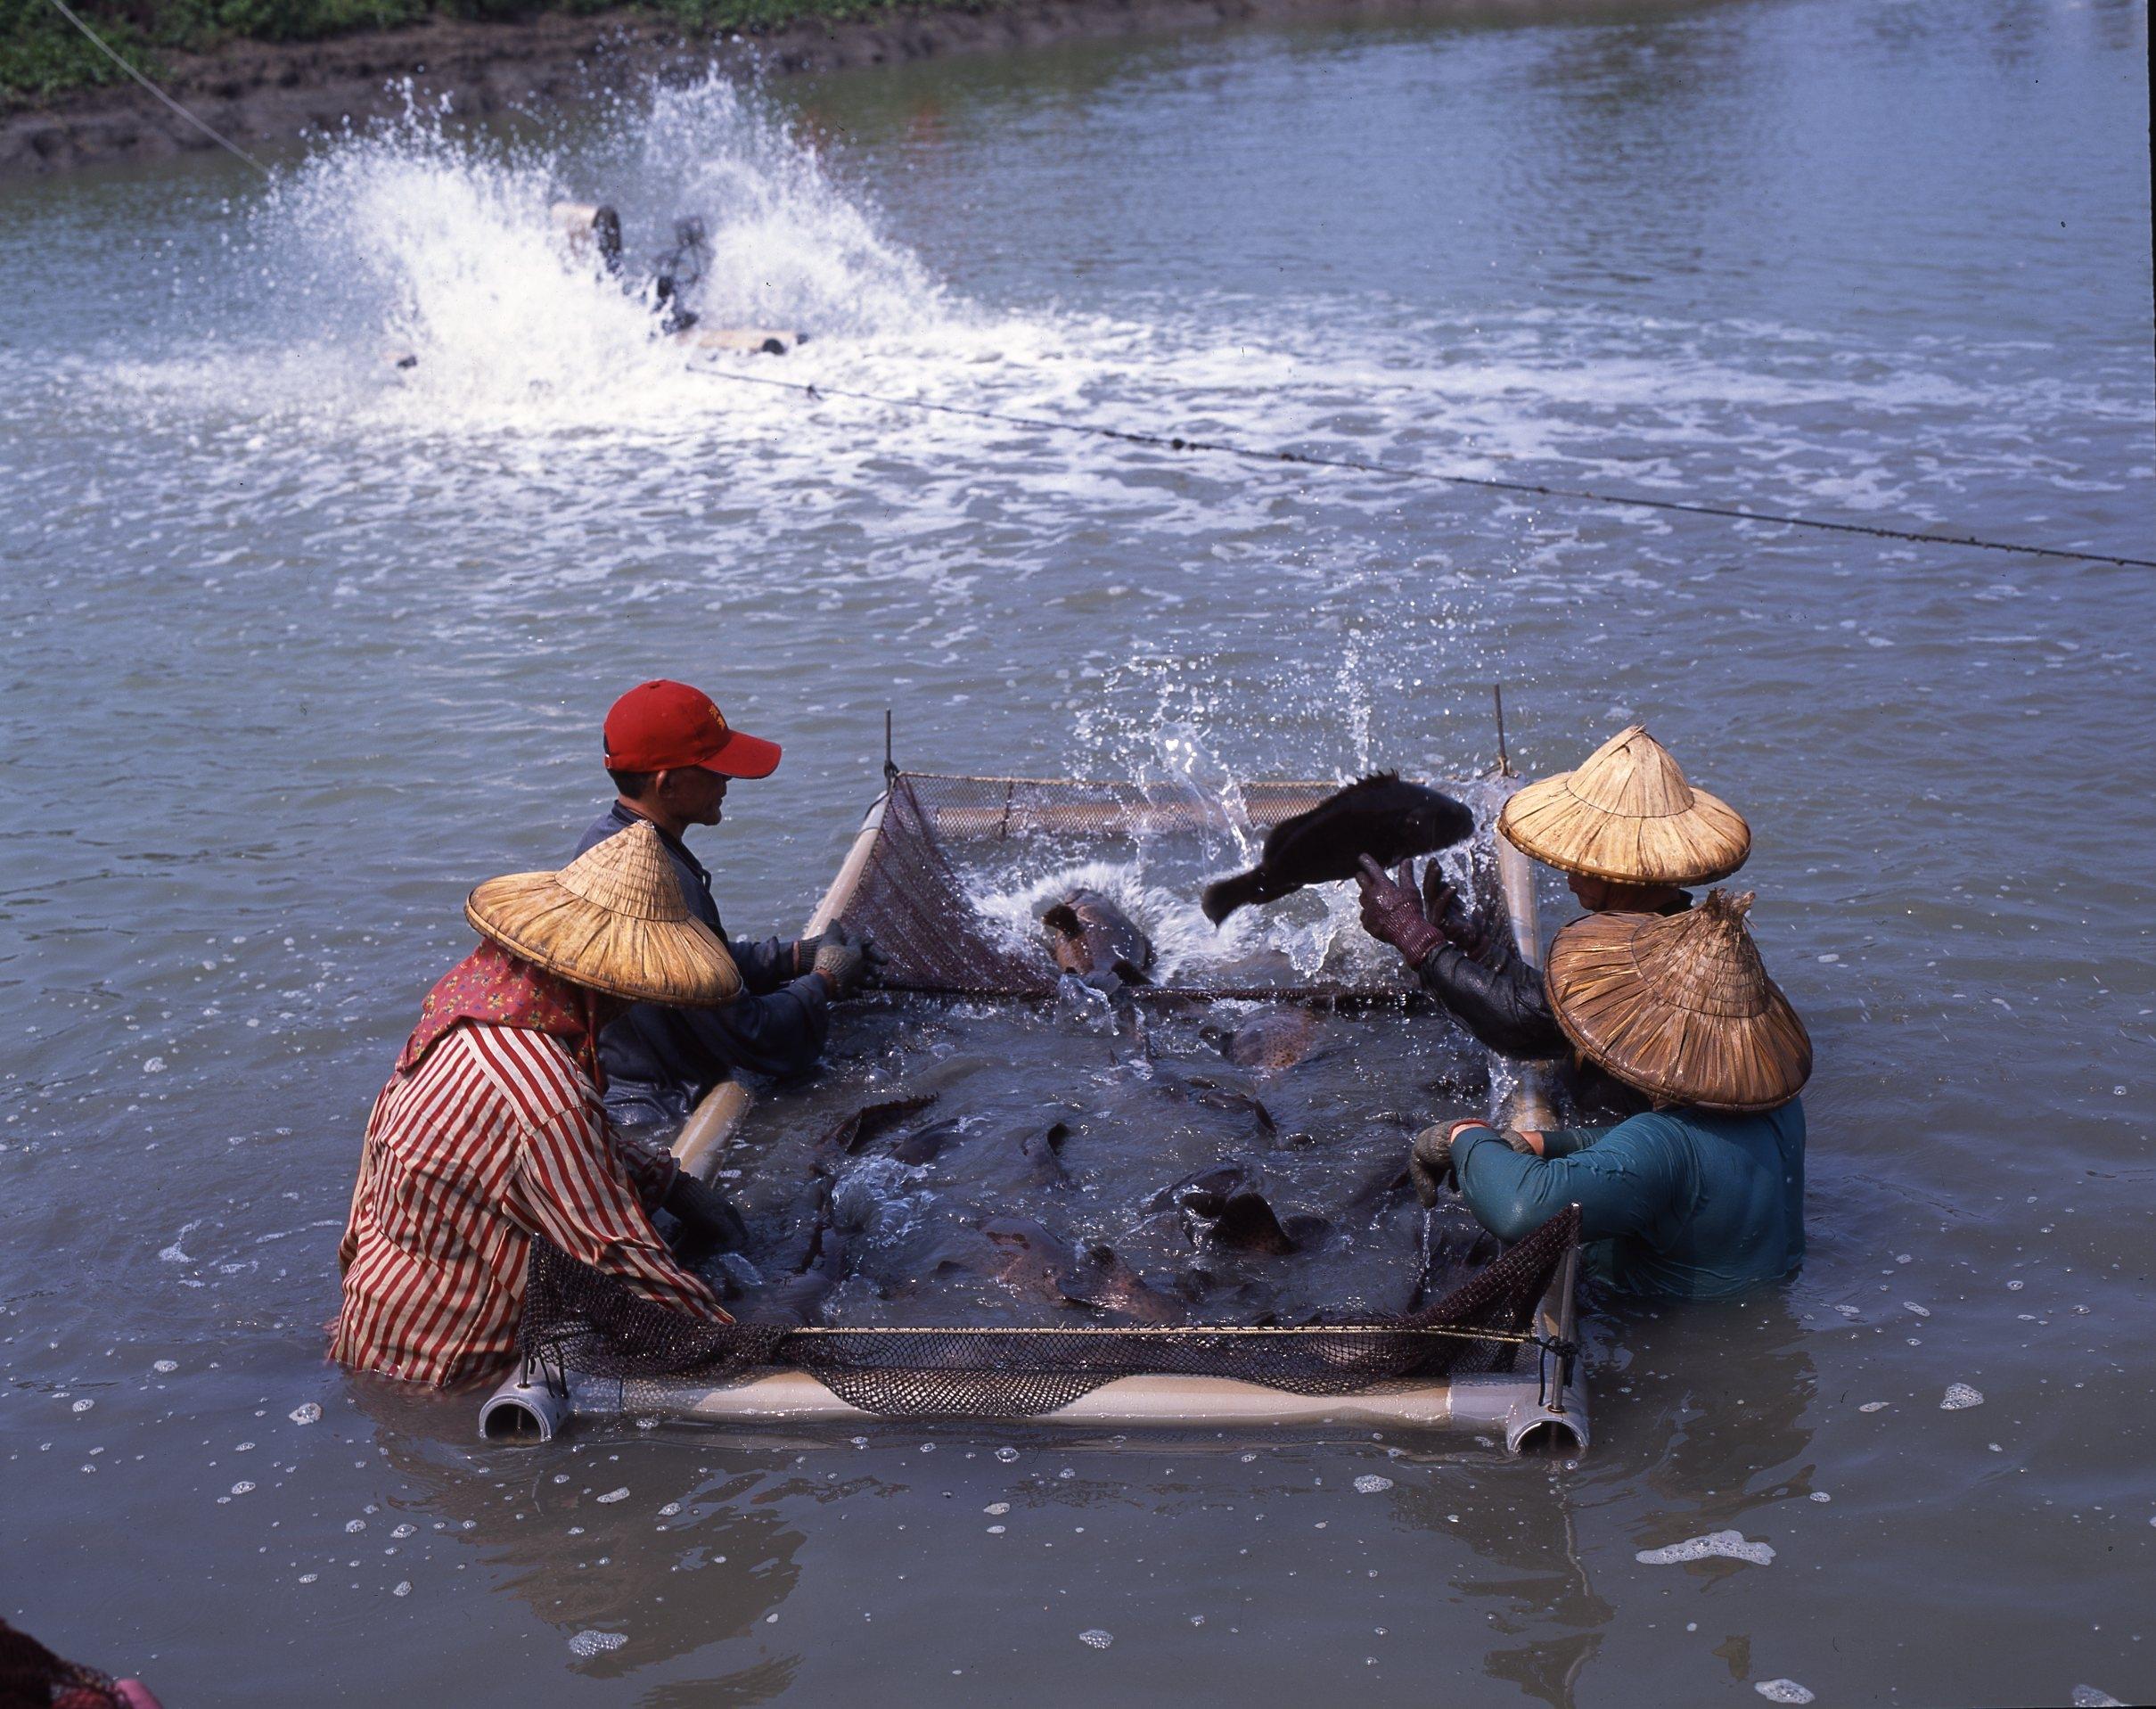 台灣中油冷排水再利用 漁民用鑽石水養殖高經濟魚類